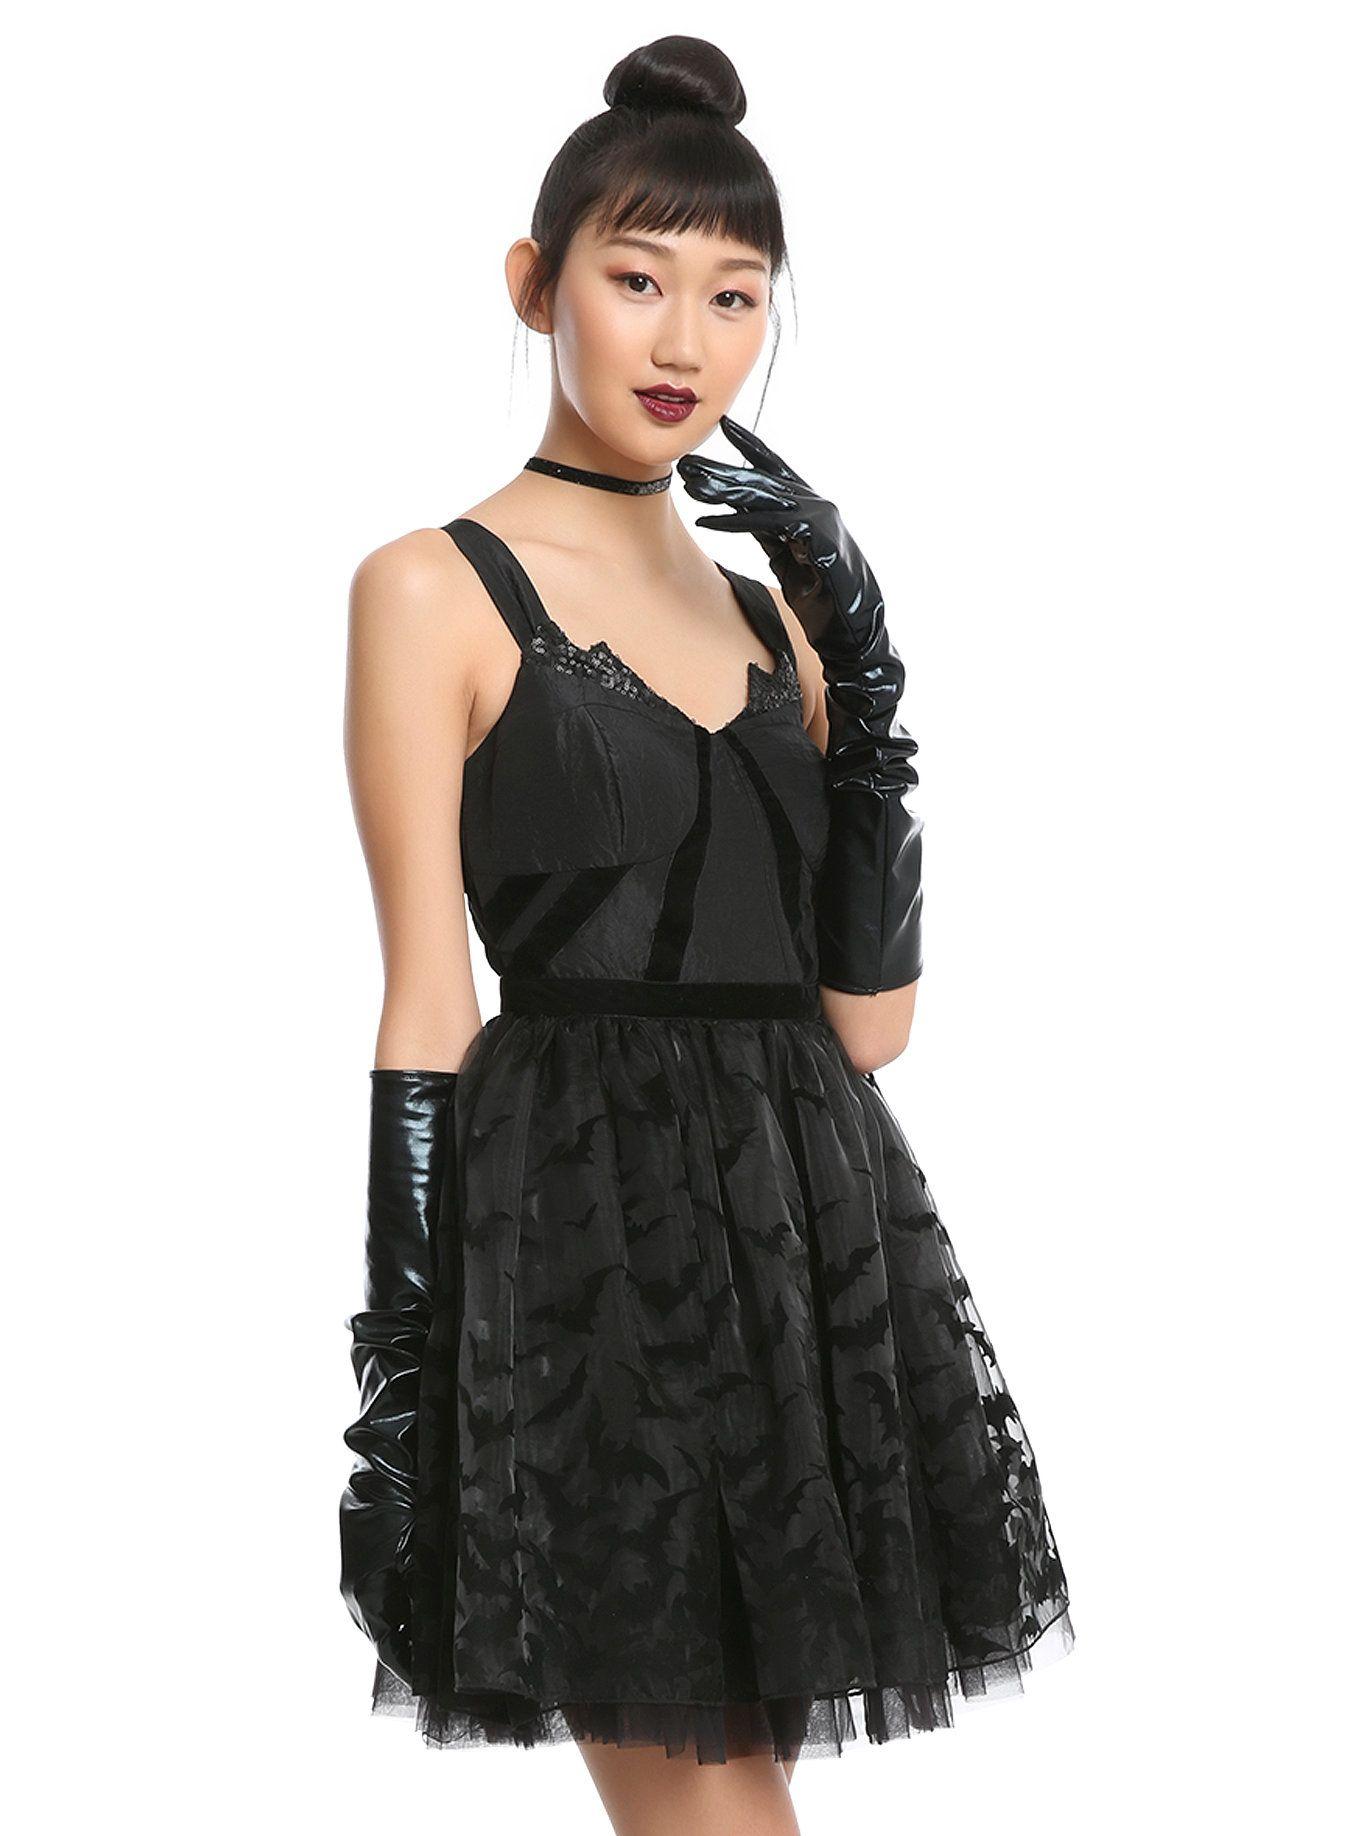 Dc comics batman formal dress hot topic dresses pinterest